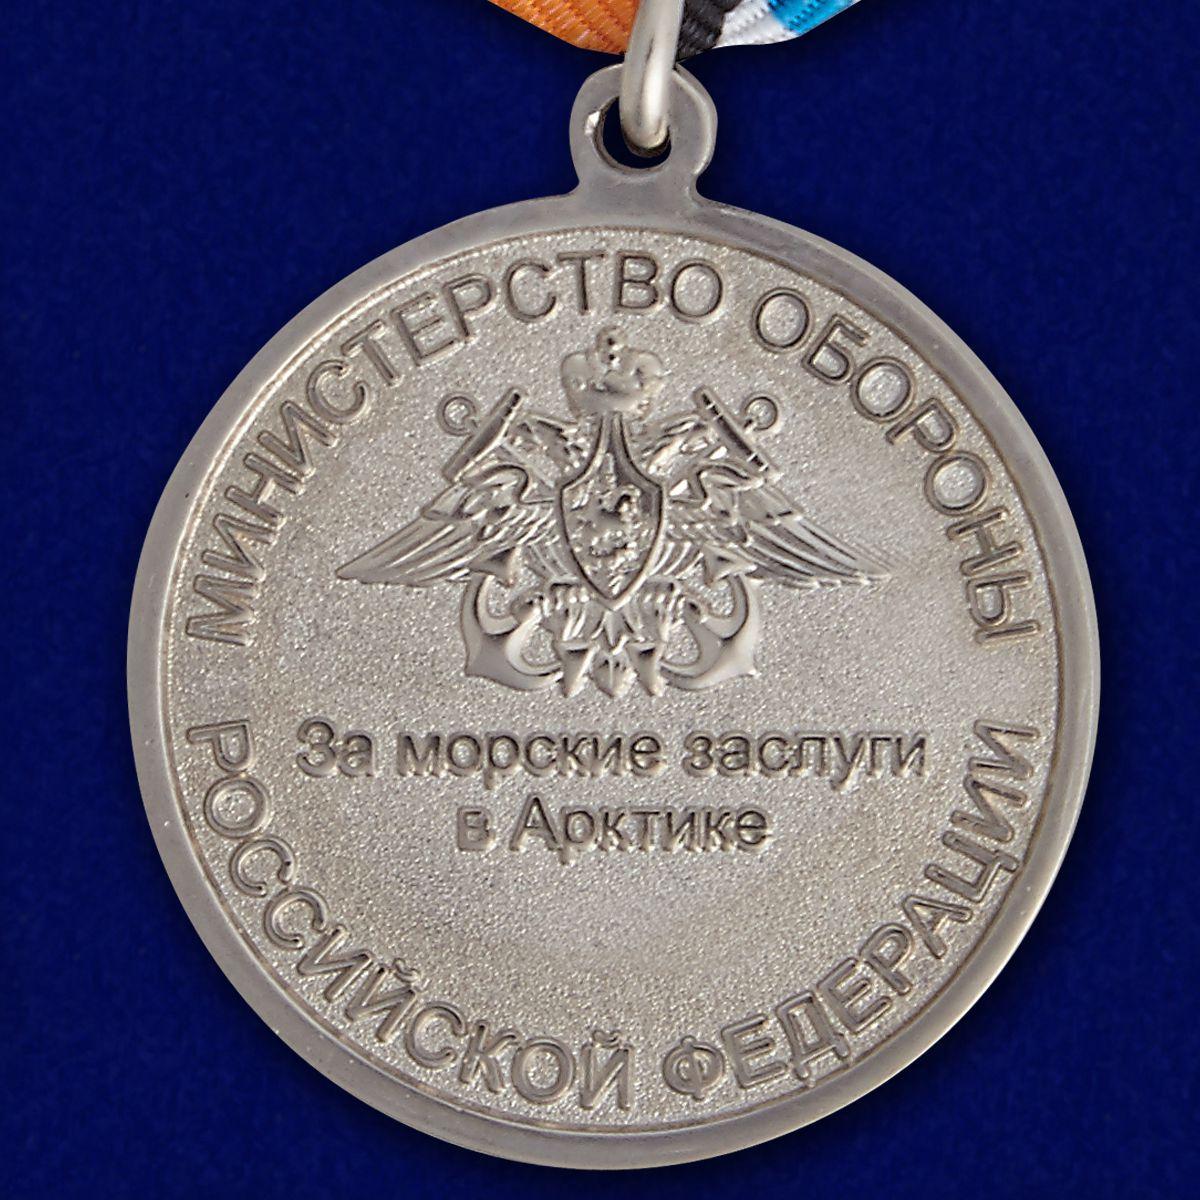 """Медаль """"За морские заслуги в Арктике"""" по привлекательной цене"""